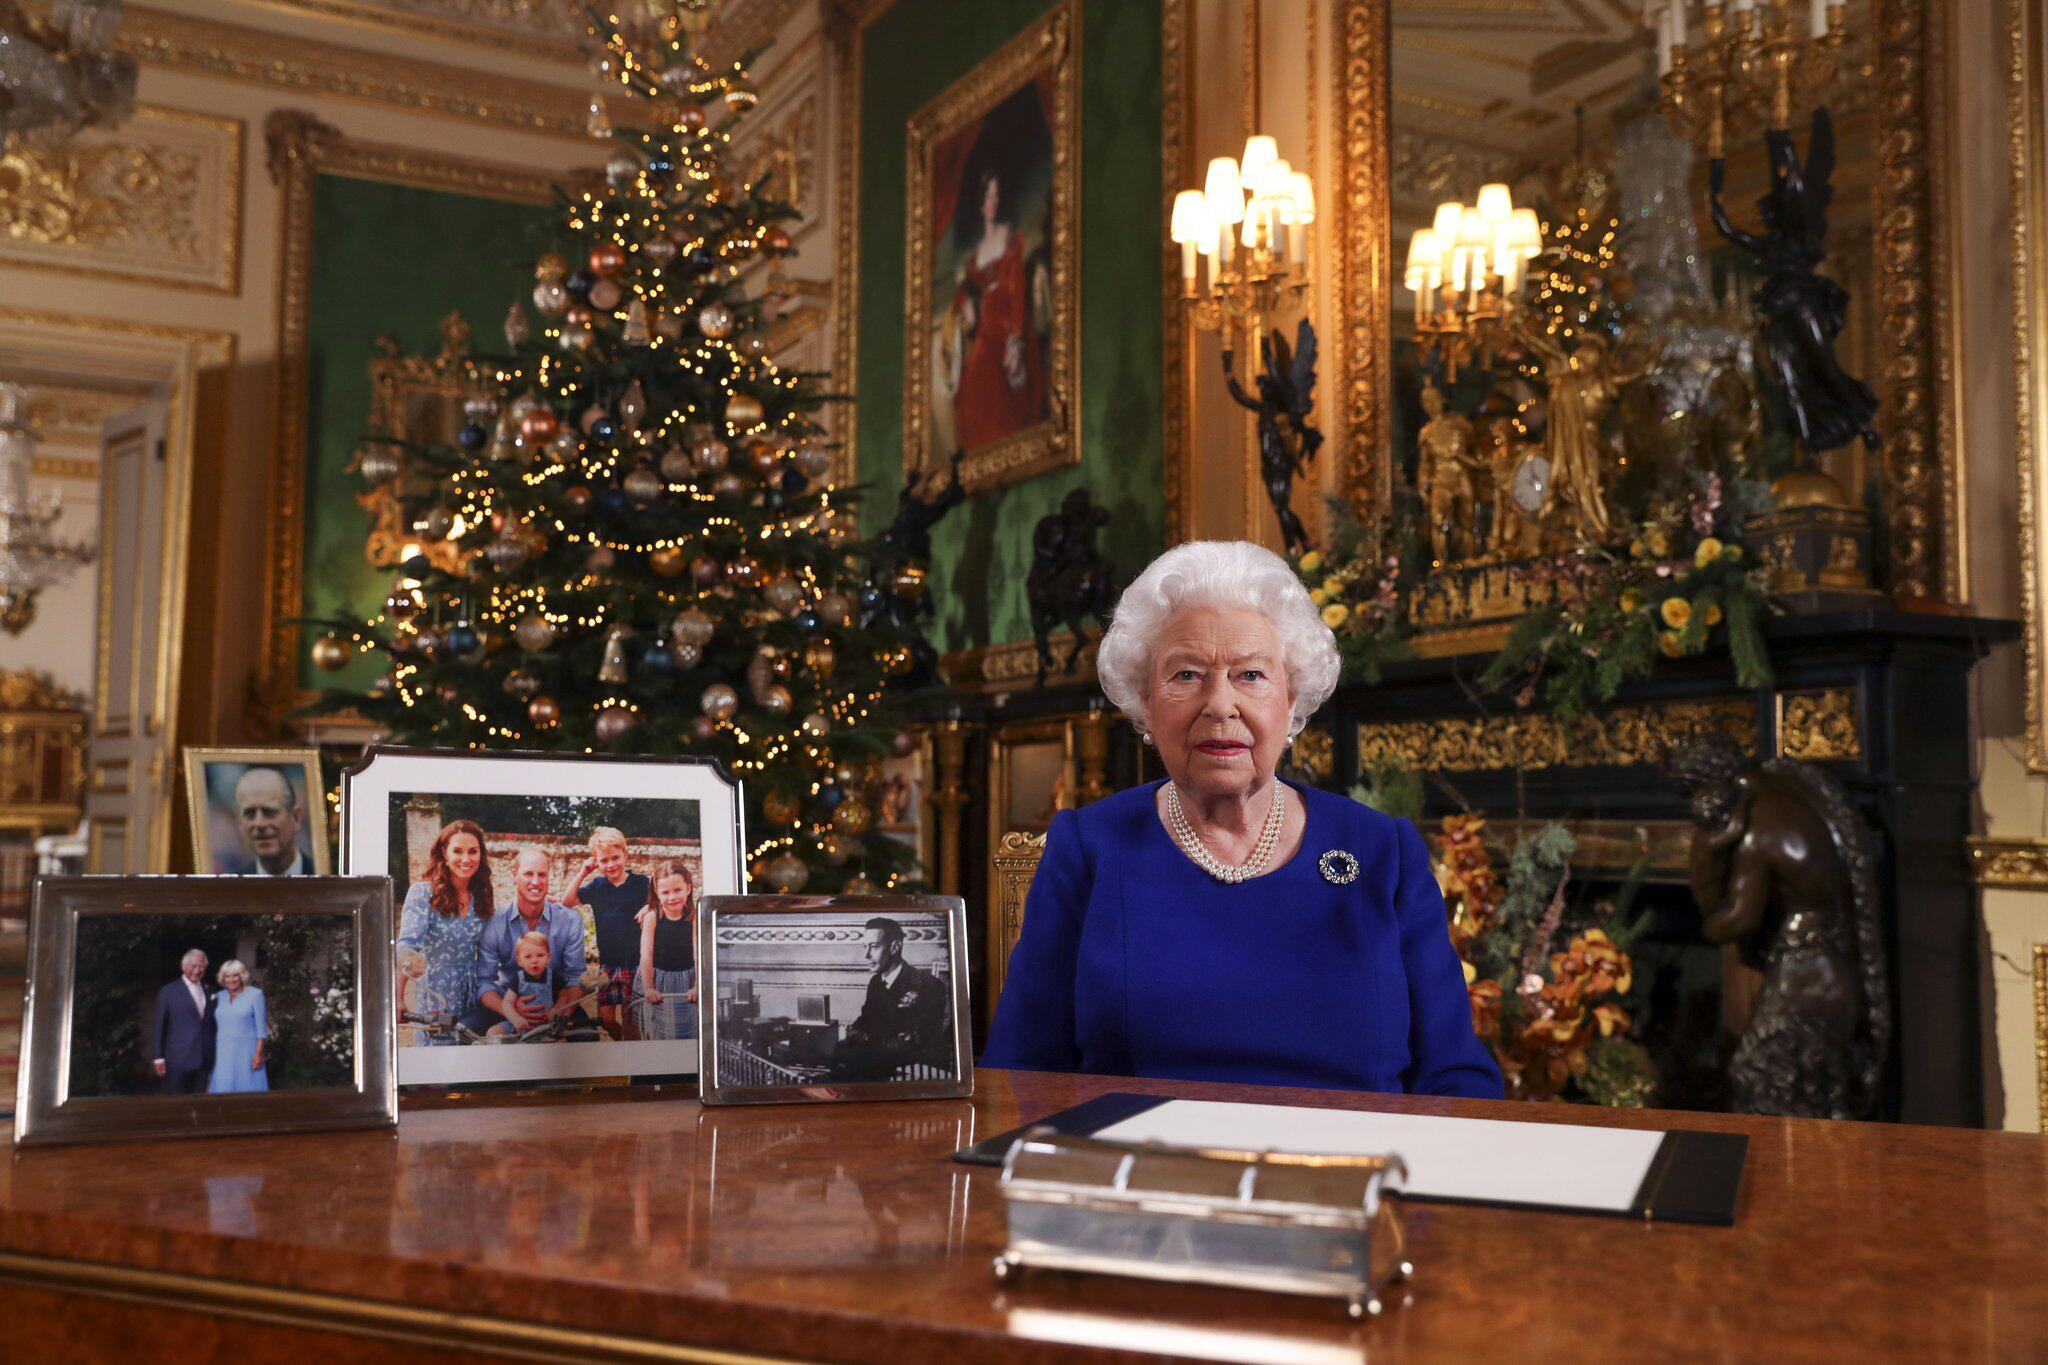 Bild zu Weihnachtsansprache der Queen